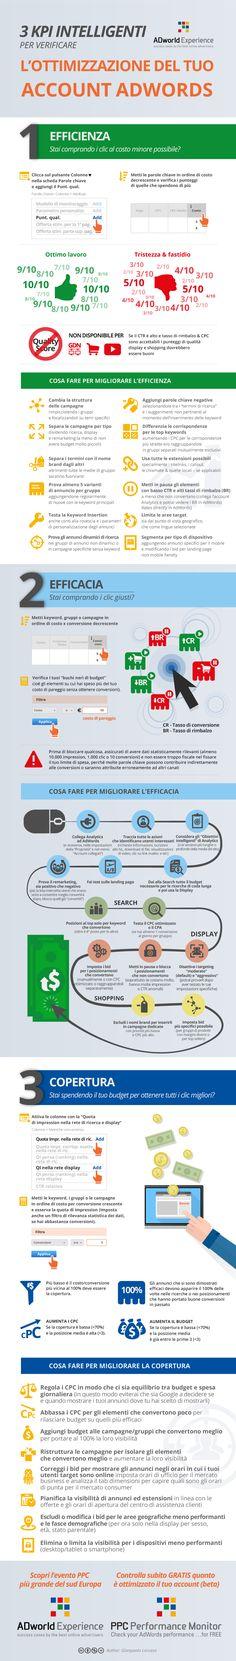 Infografica su come misurare l'ottimizzazione di un account #AdWords